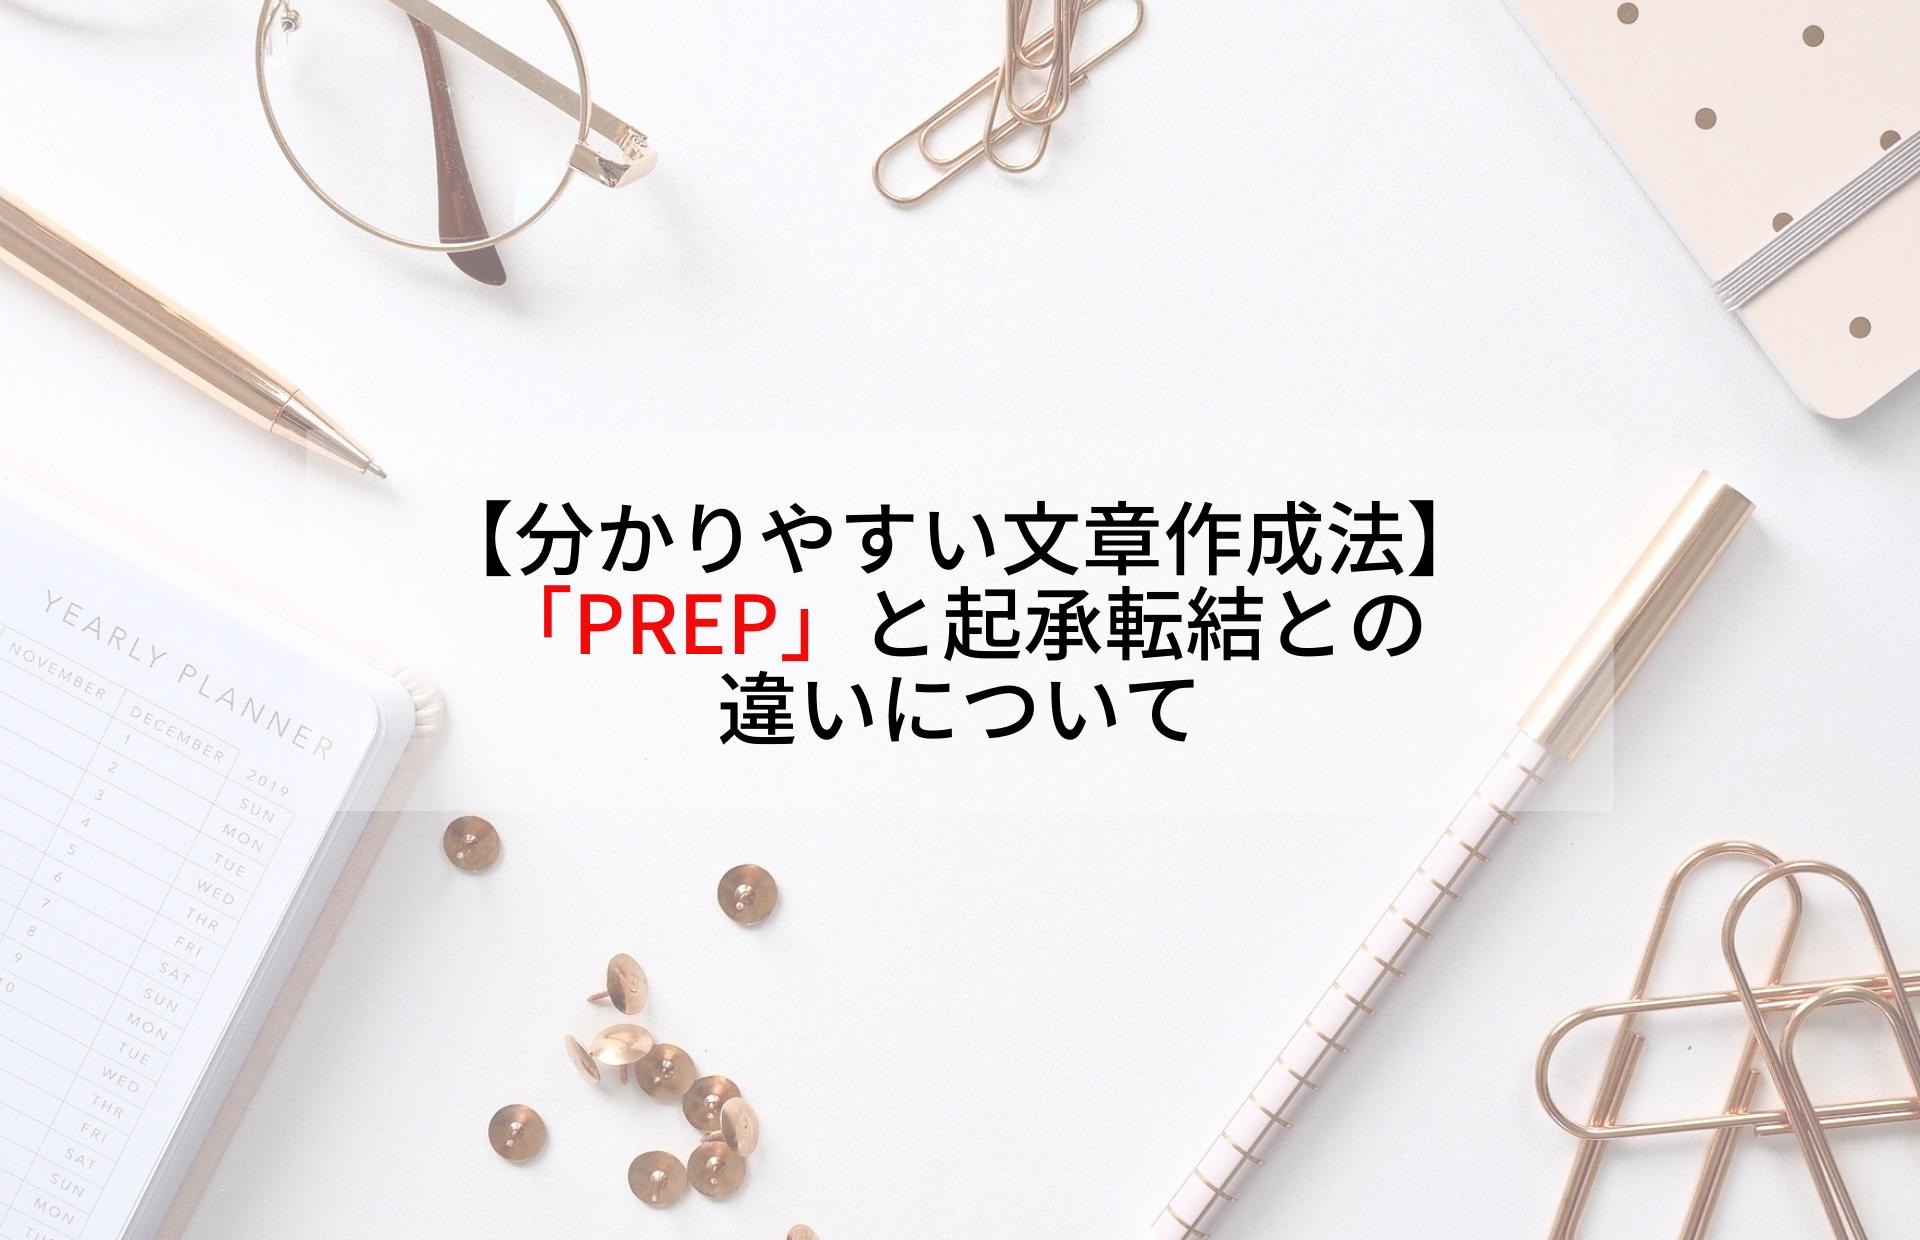 【分かりやすい文章作成法】「PREP」と起承転結との違いについて